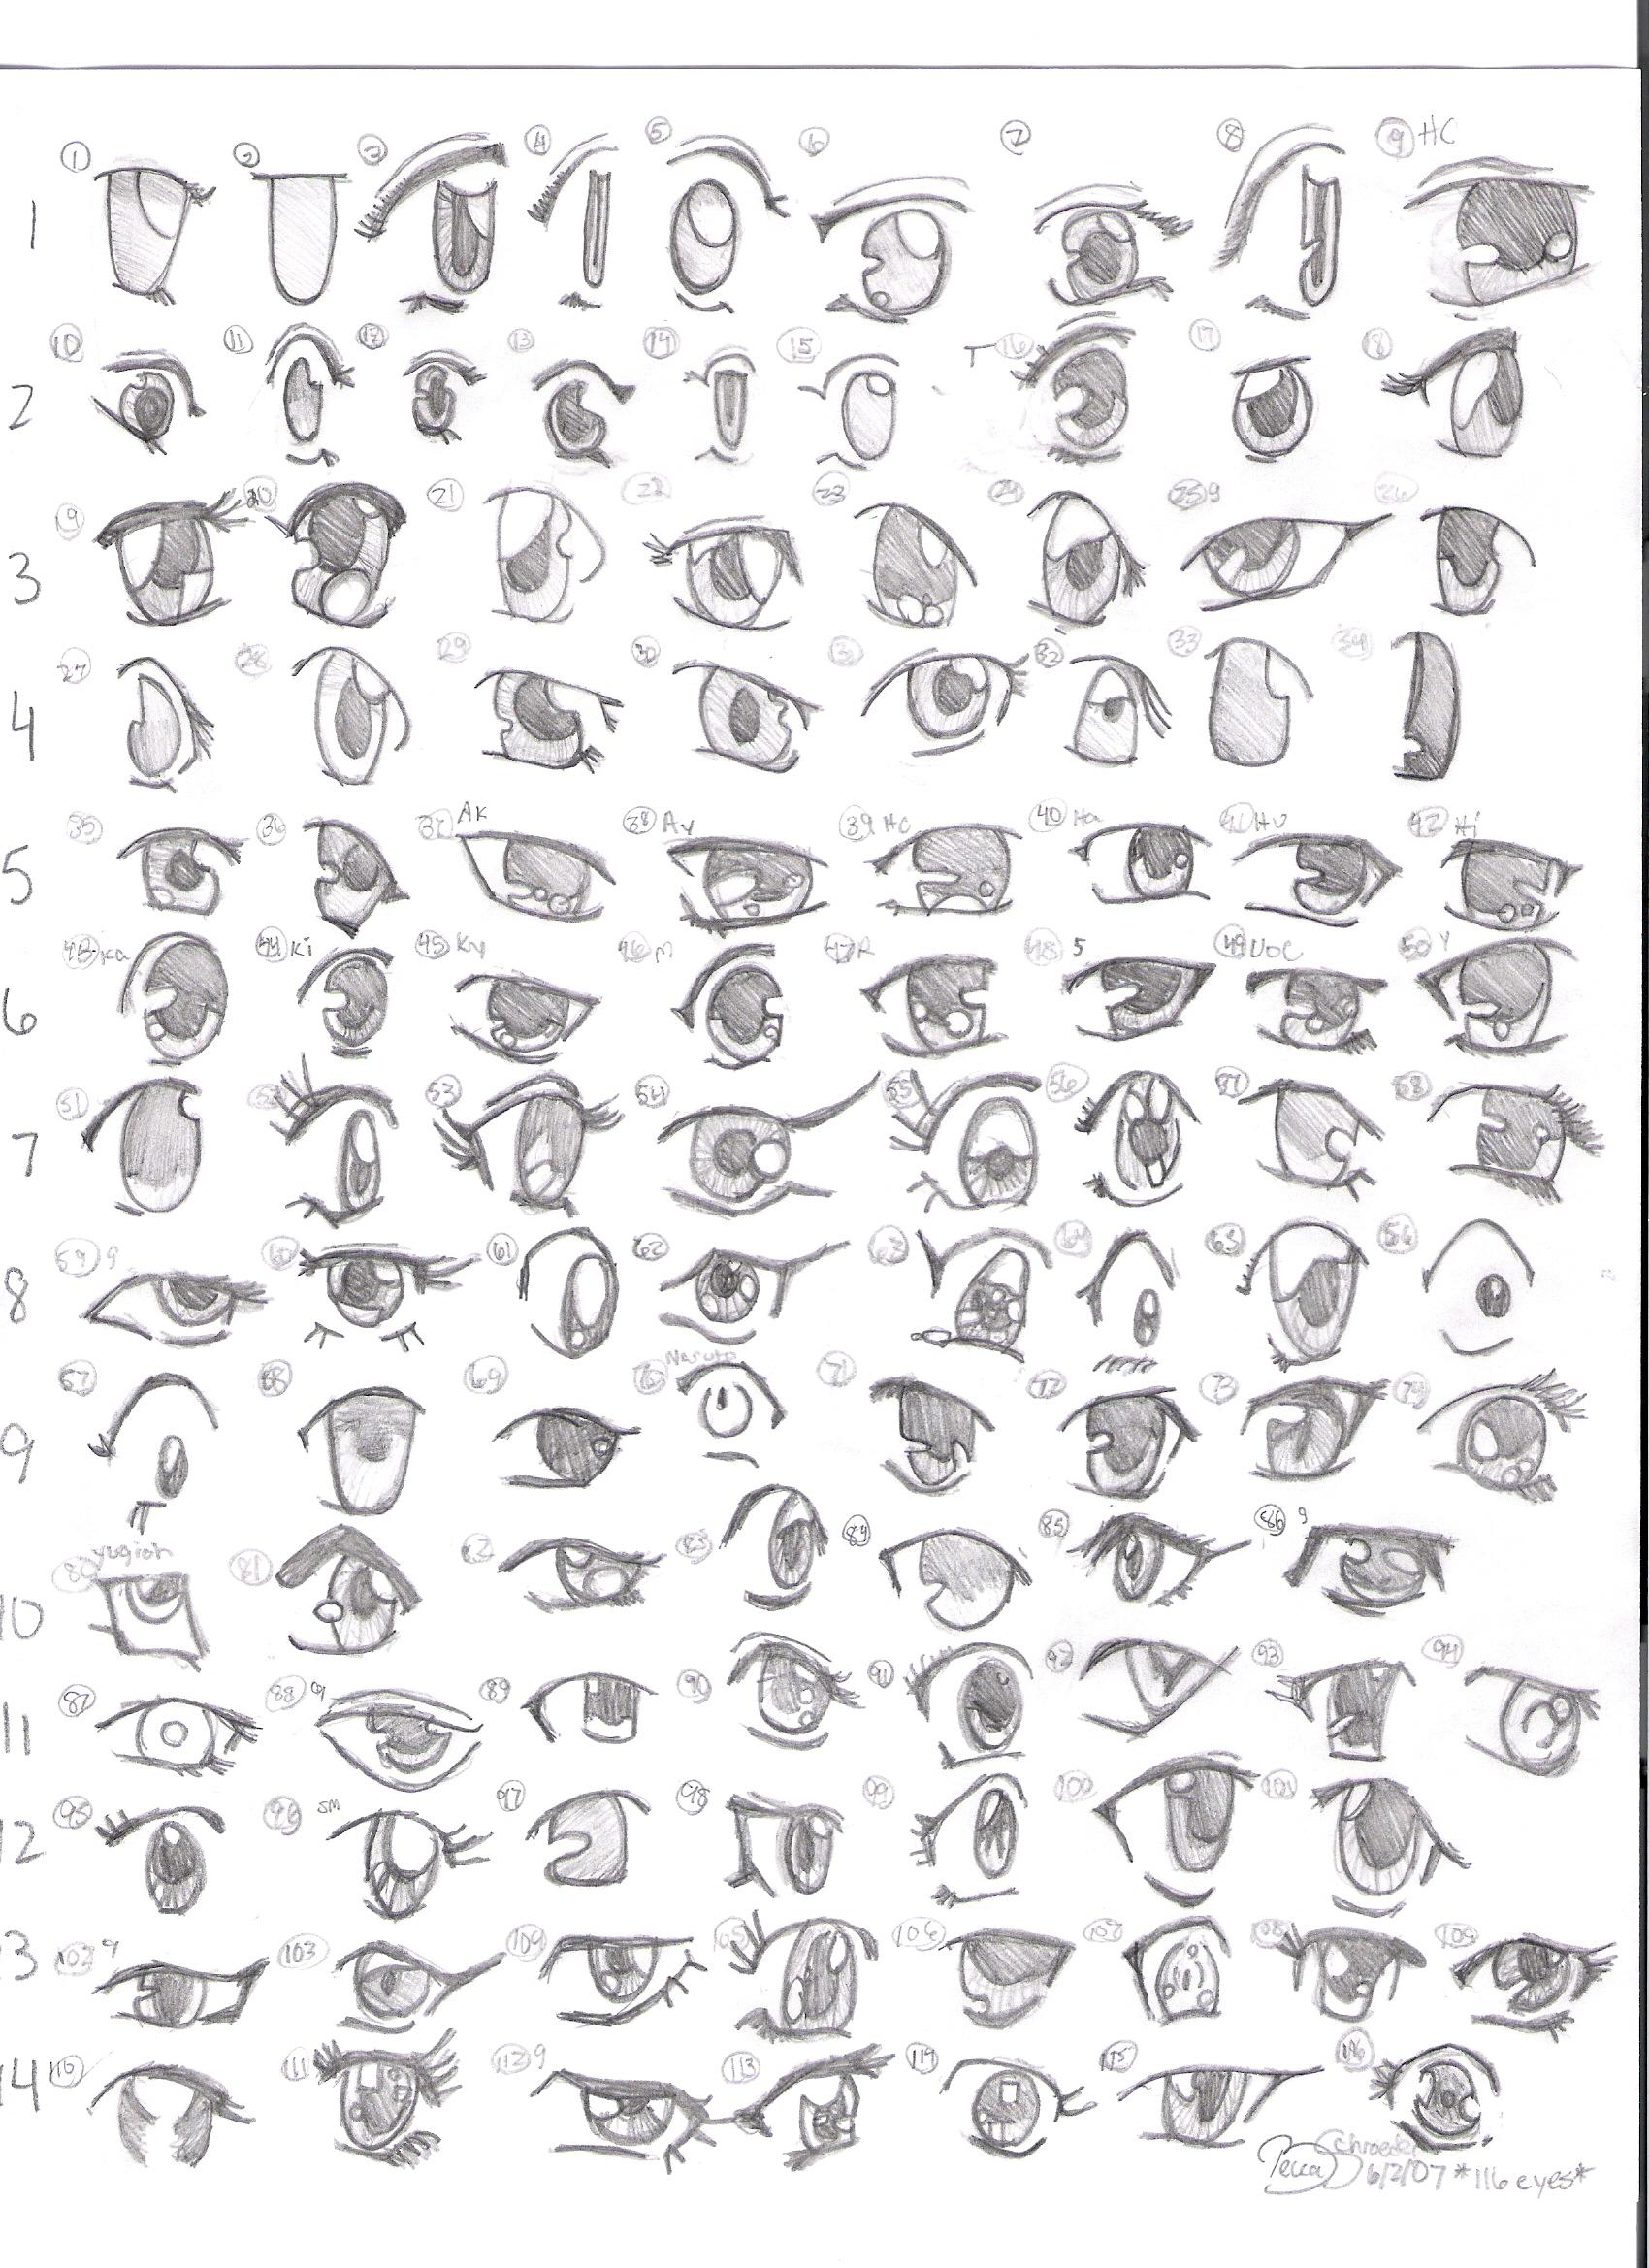 как рисовать аниме глаза а также ...: flight-dream.com/forum/index.php?topic=335.0